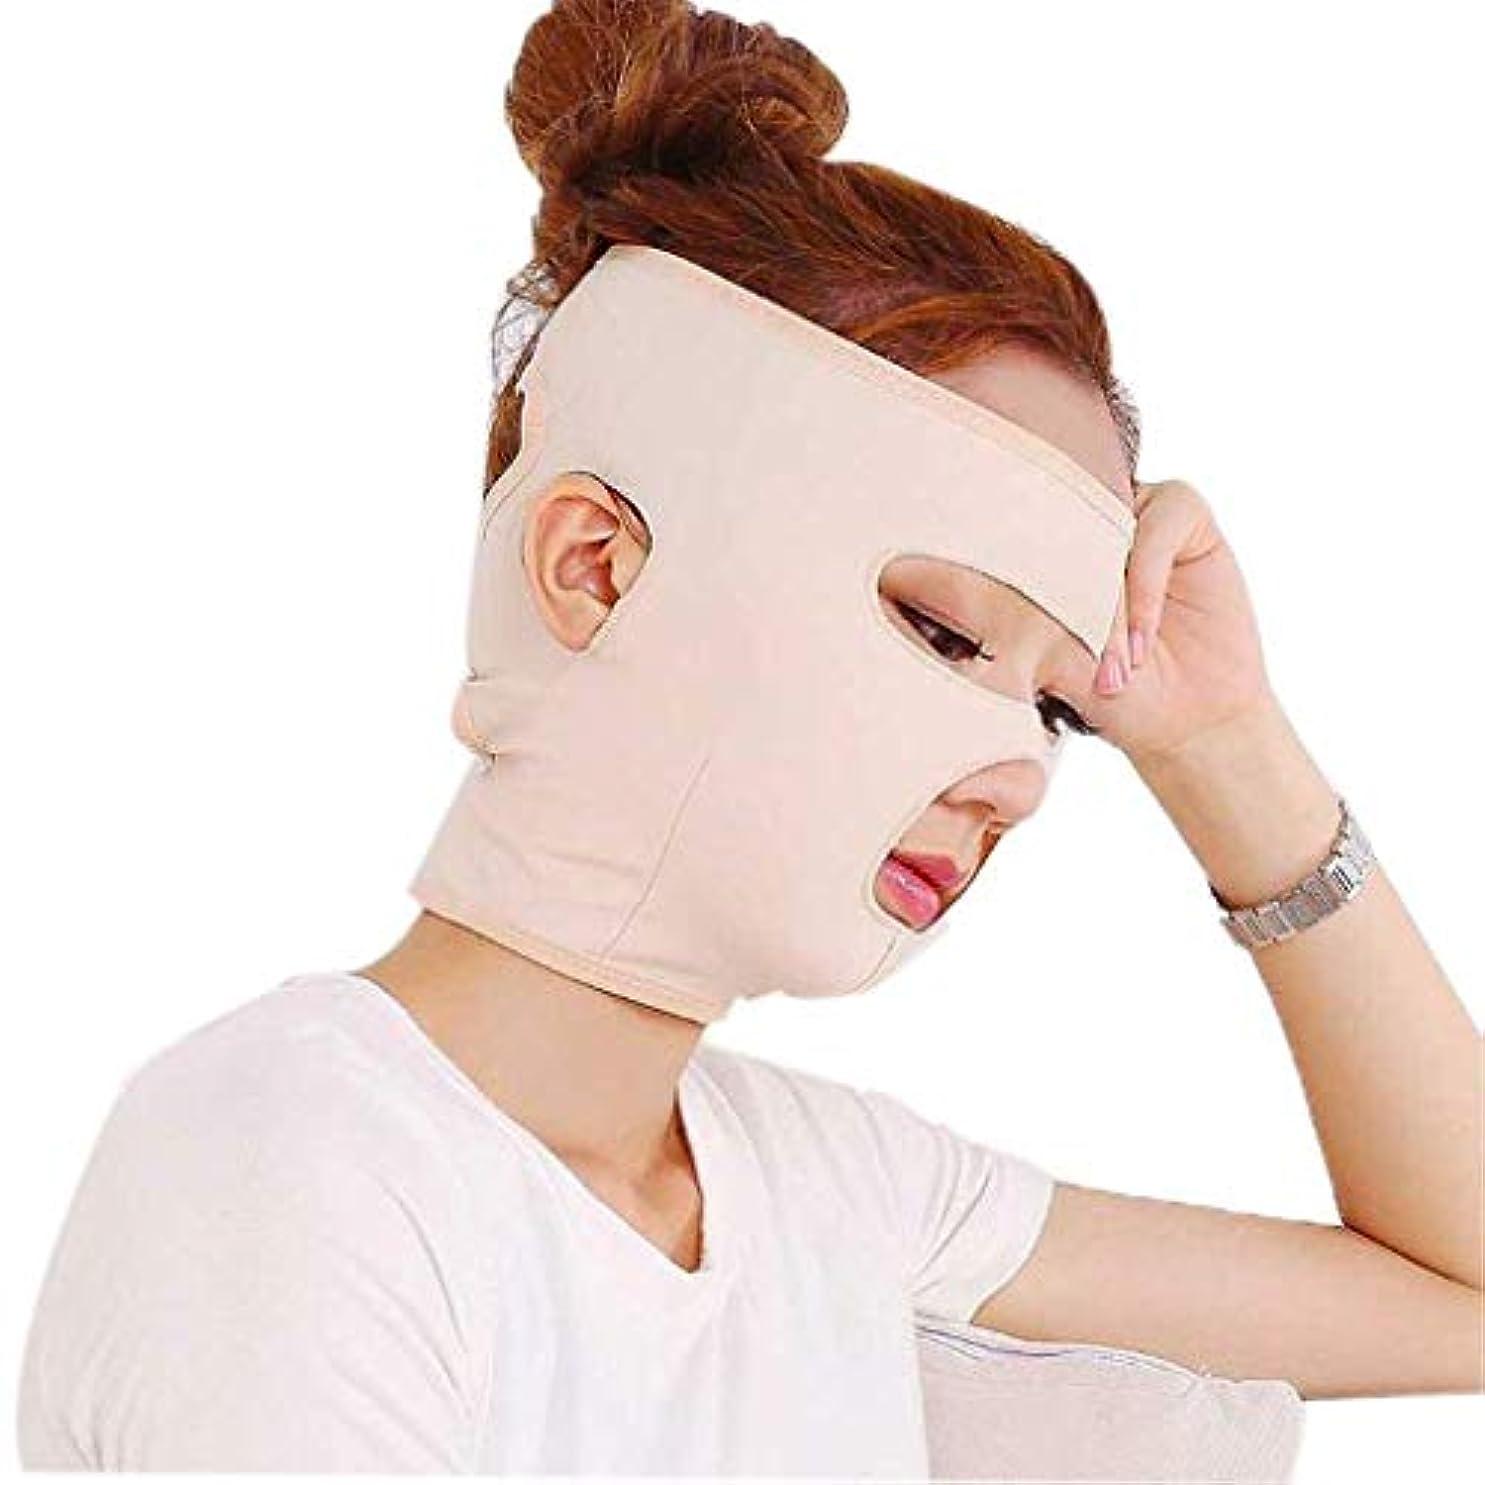 なめる重力追うフェイスリフティングマスク、フルフェイス通気性の術後回復包帯リフティング引き締め肌の減少により小さなVフェイスマスクを作成(サイズ:L)